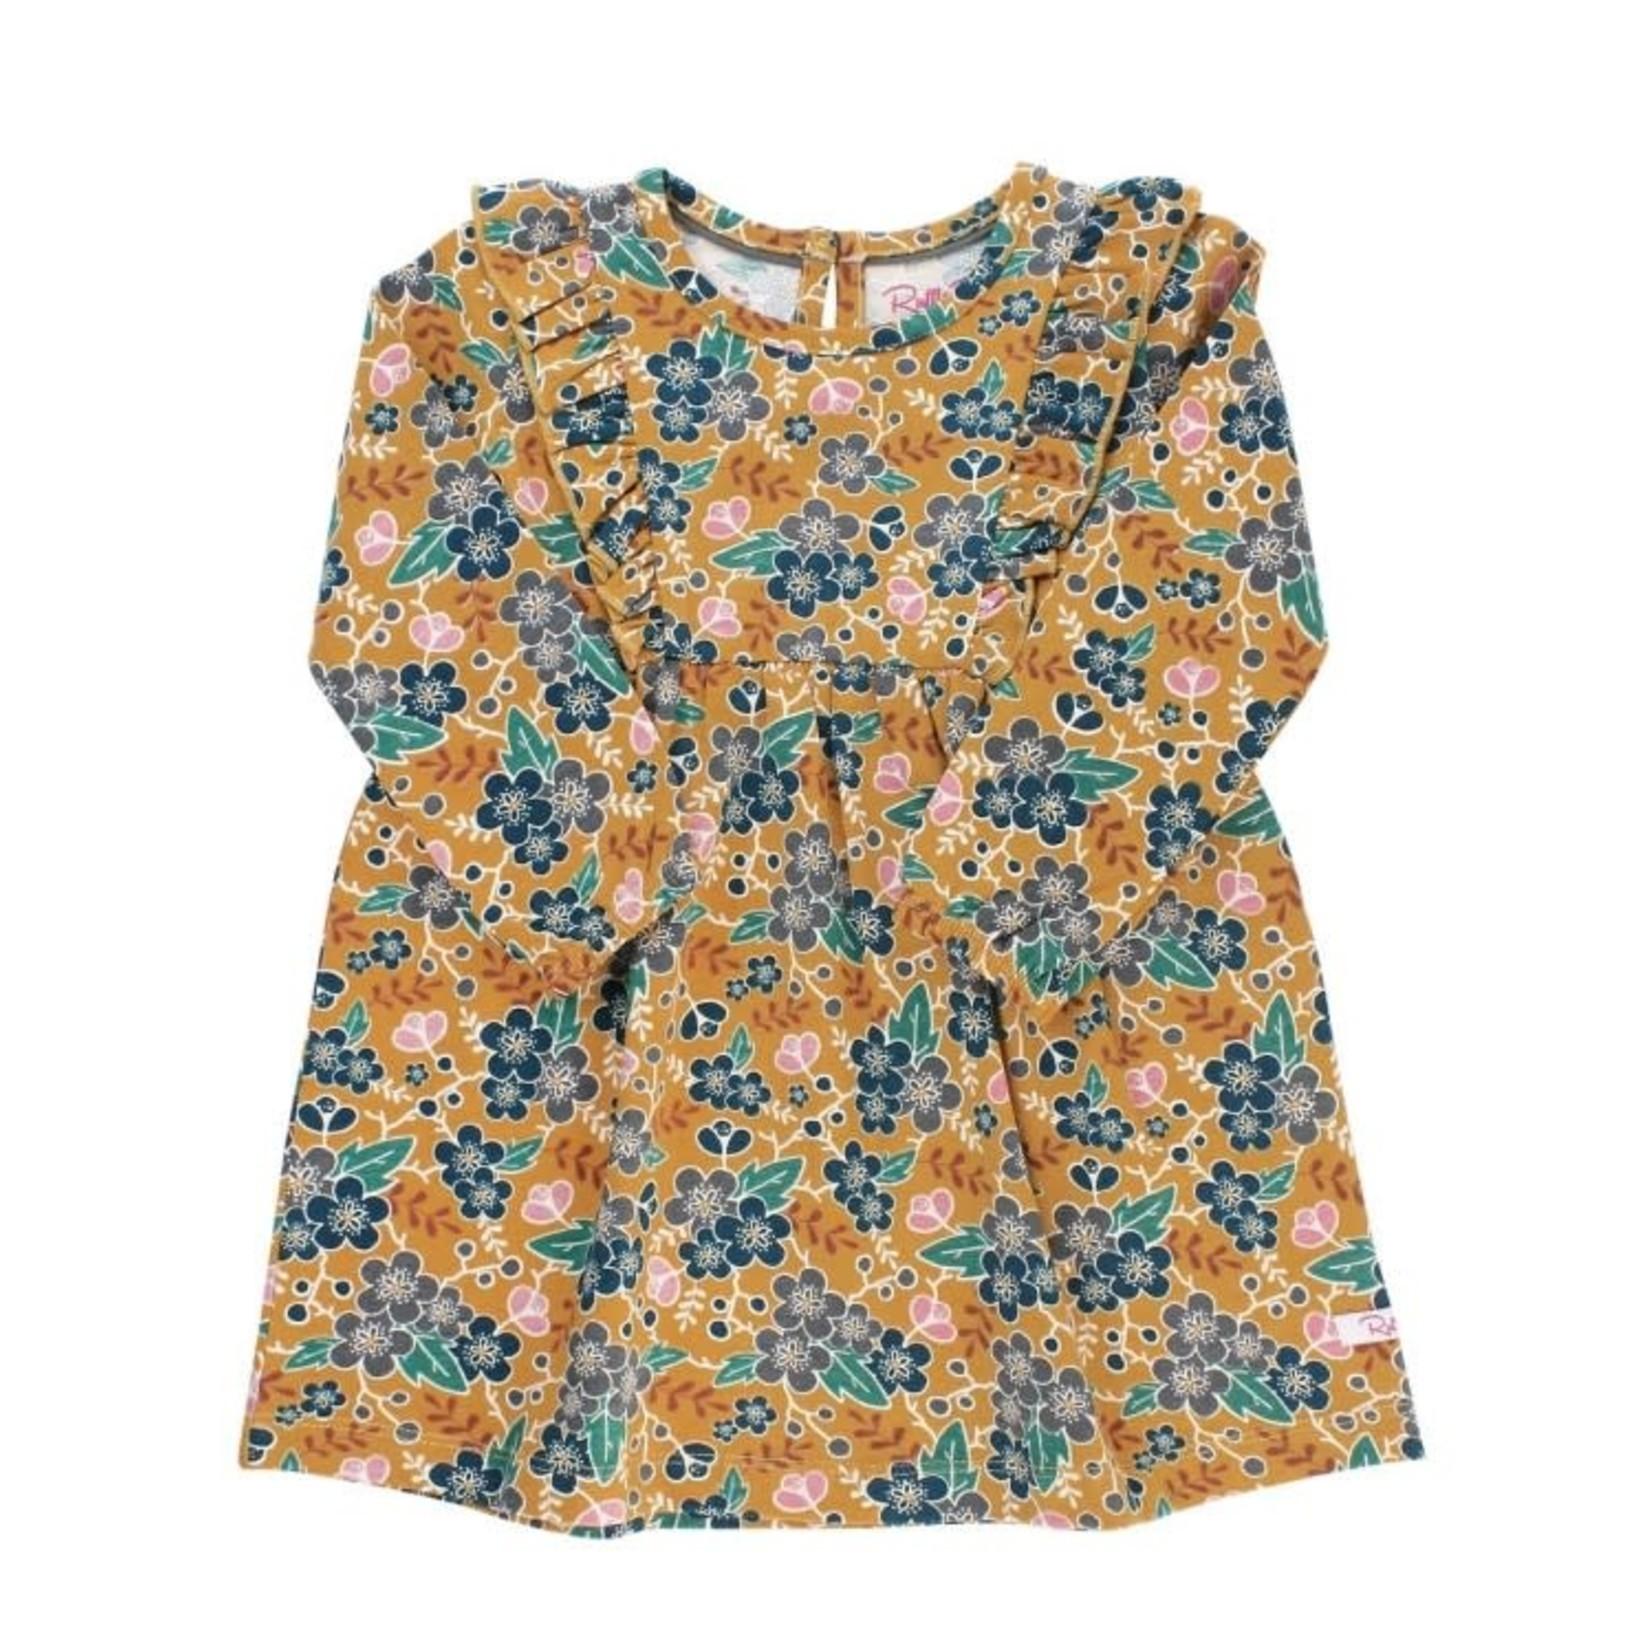 RuffleButts Honey Grove Waterfall Dress